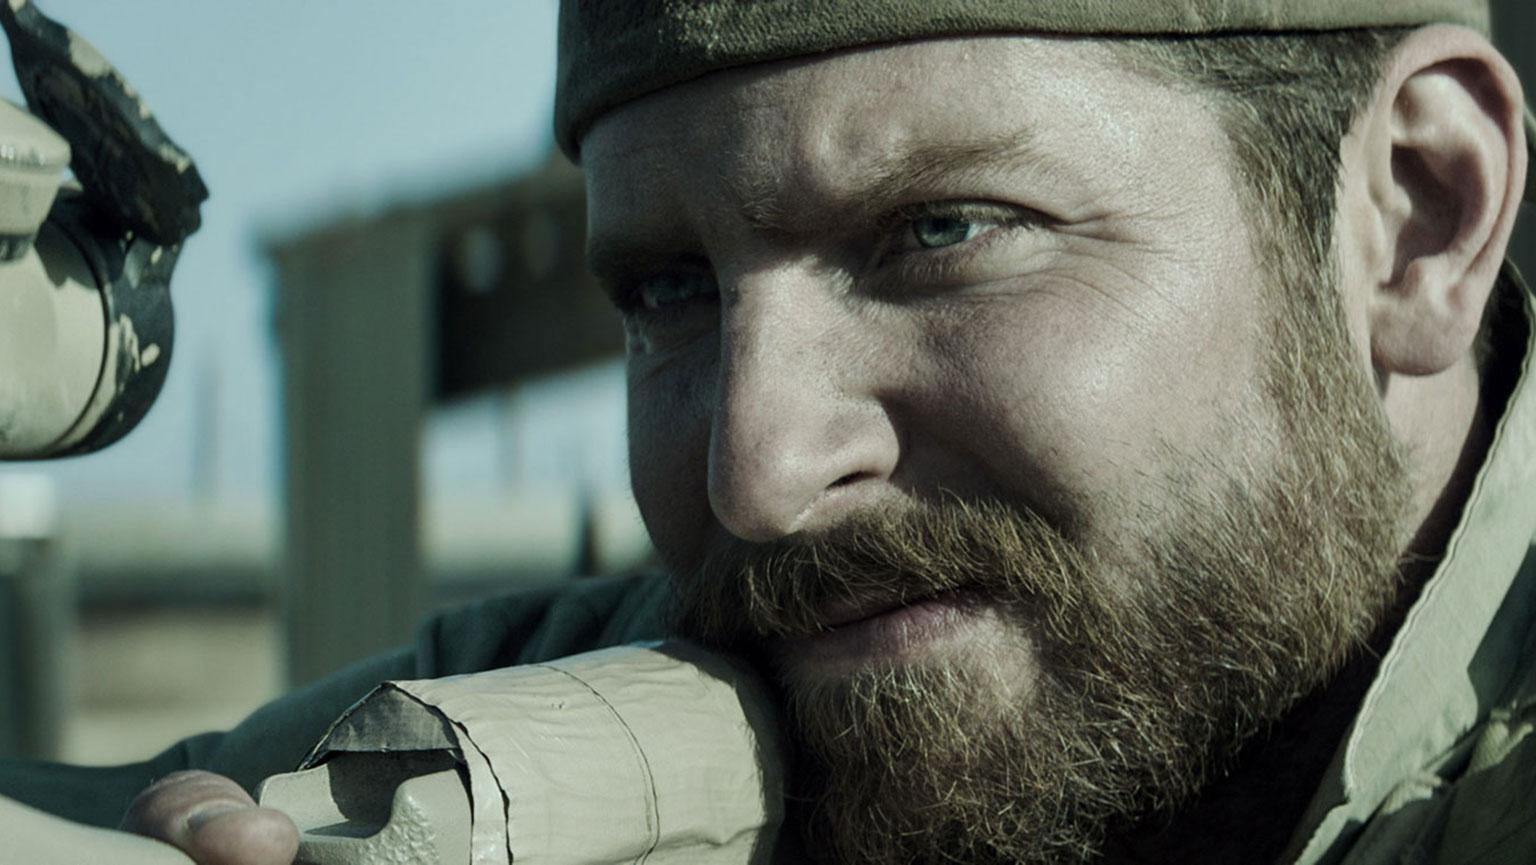 Video still from American Sniper